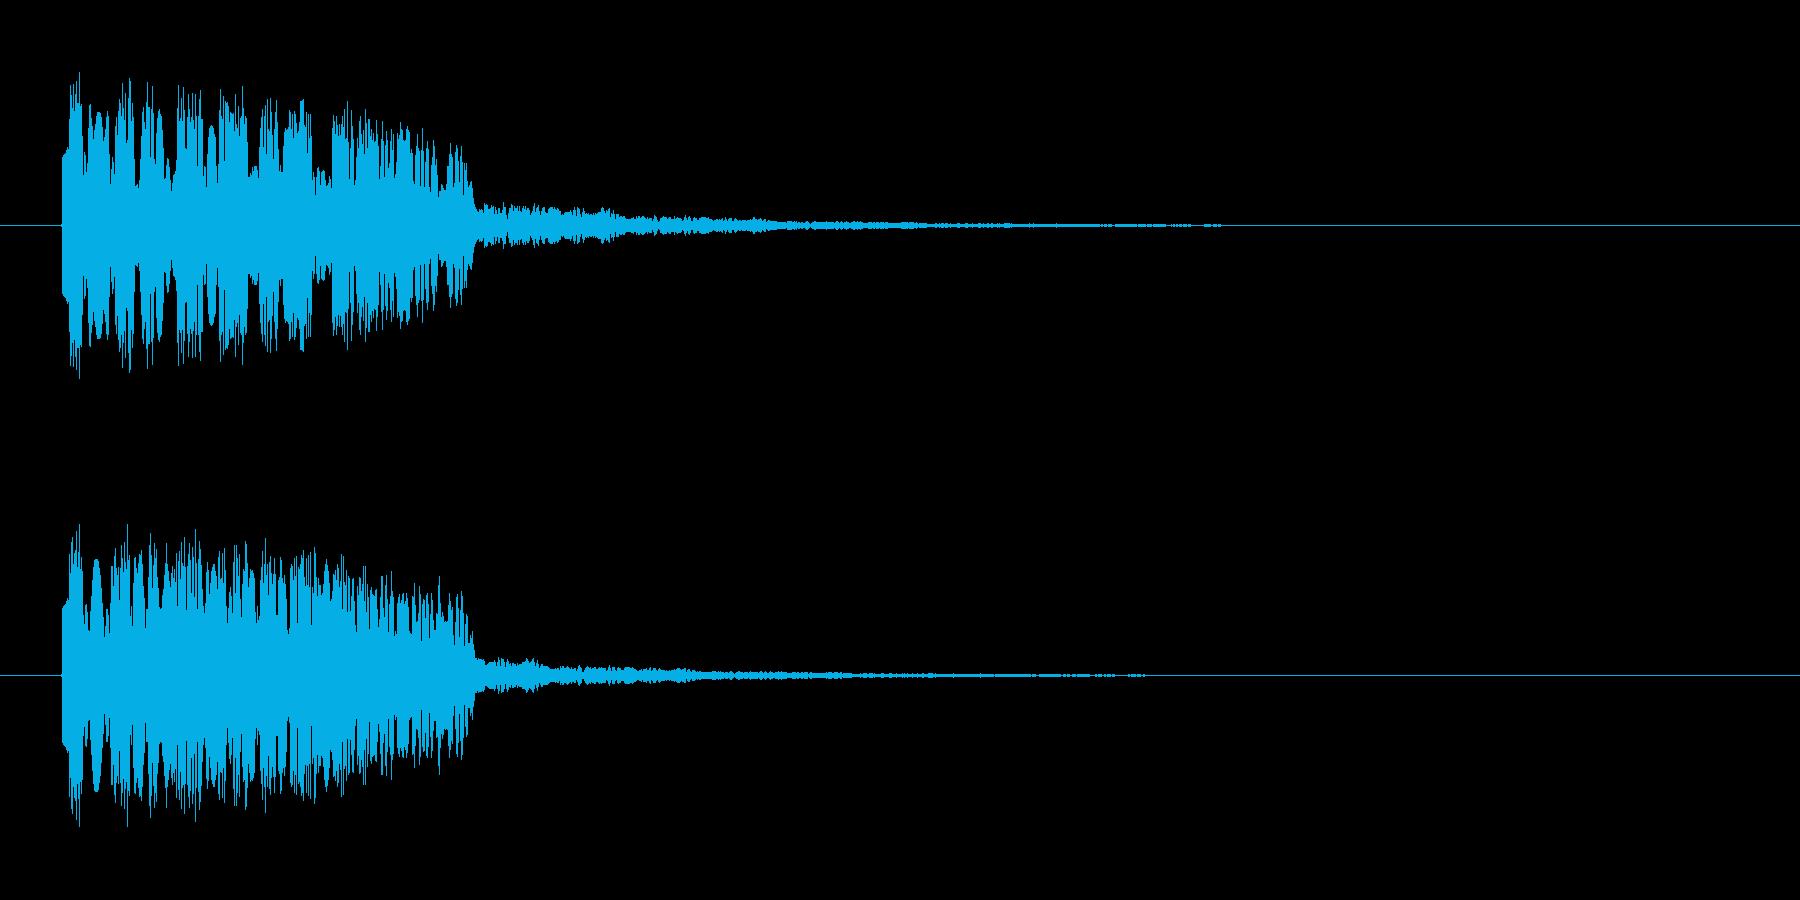 上昇効果音 キラキラ ひょー ひゅうの再生済みの波形